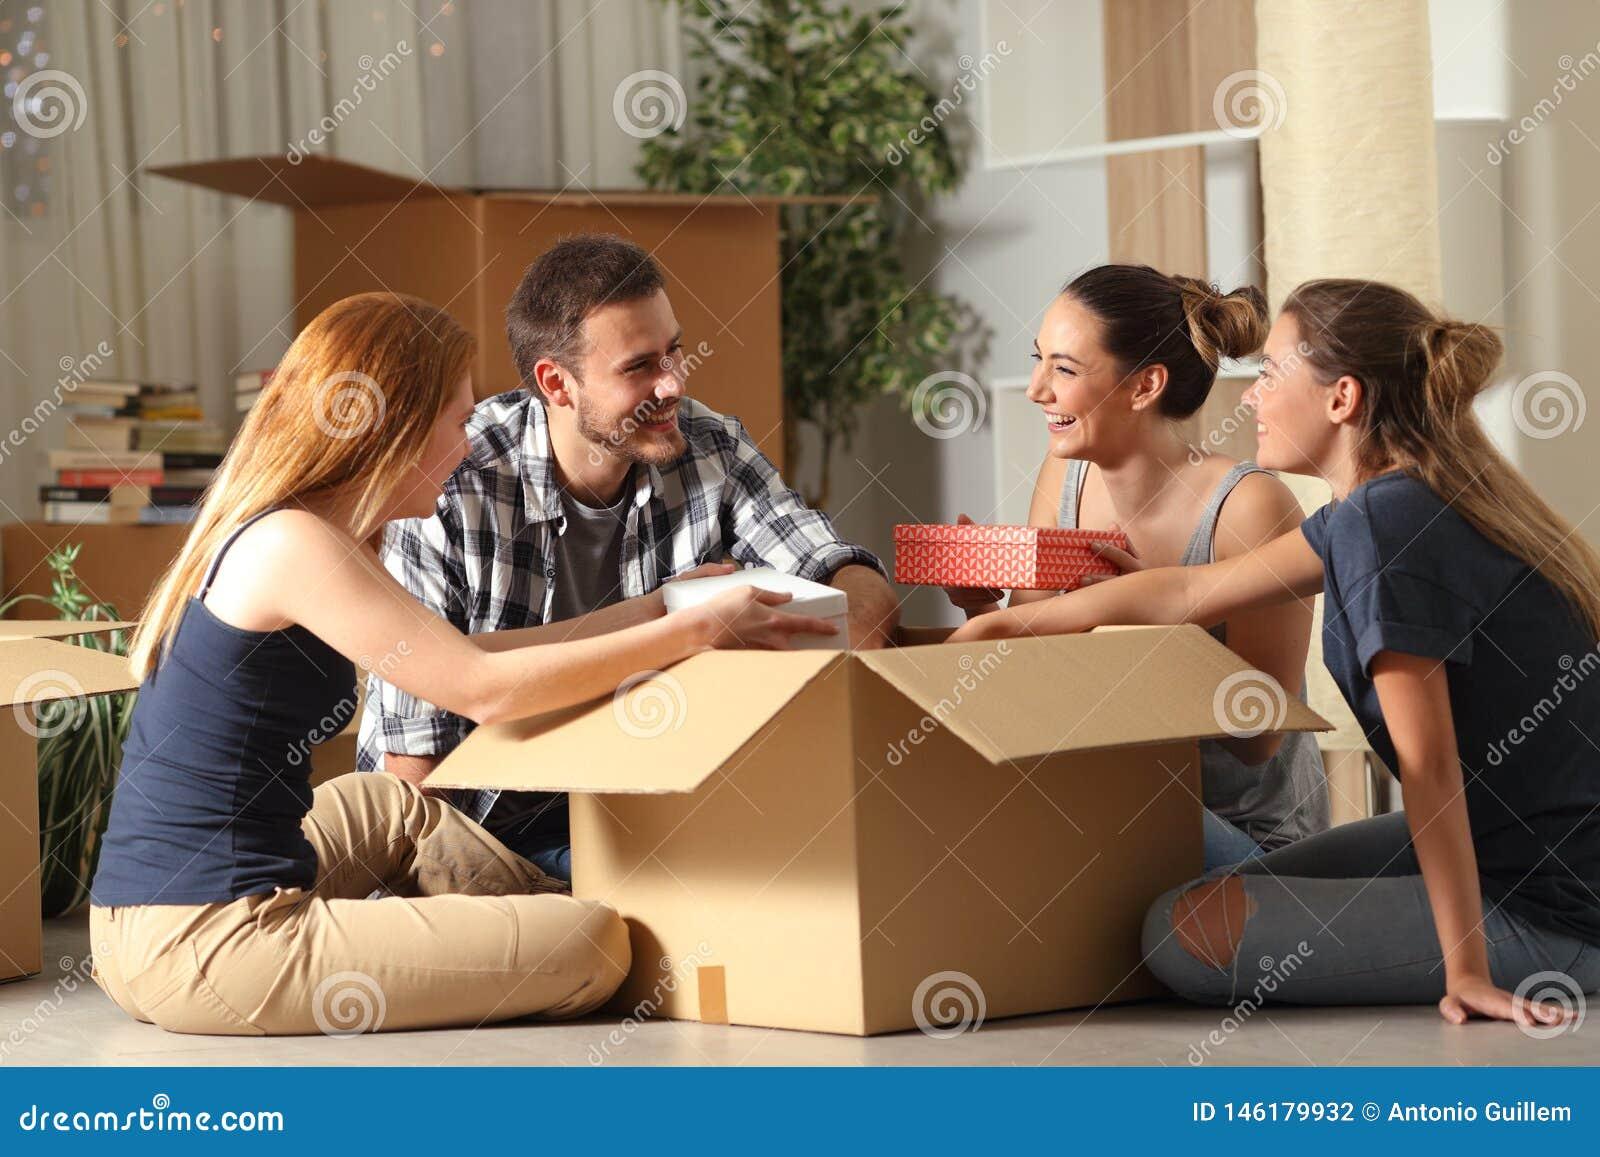 Gelukkige kamergenoten die bezittingen unboxing die zich naar huis bewegen